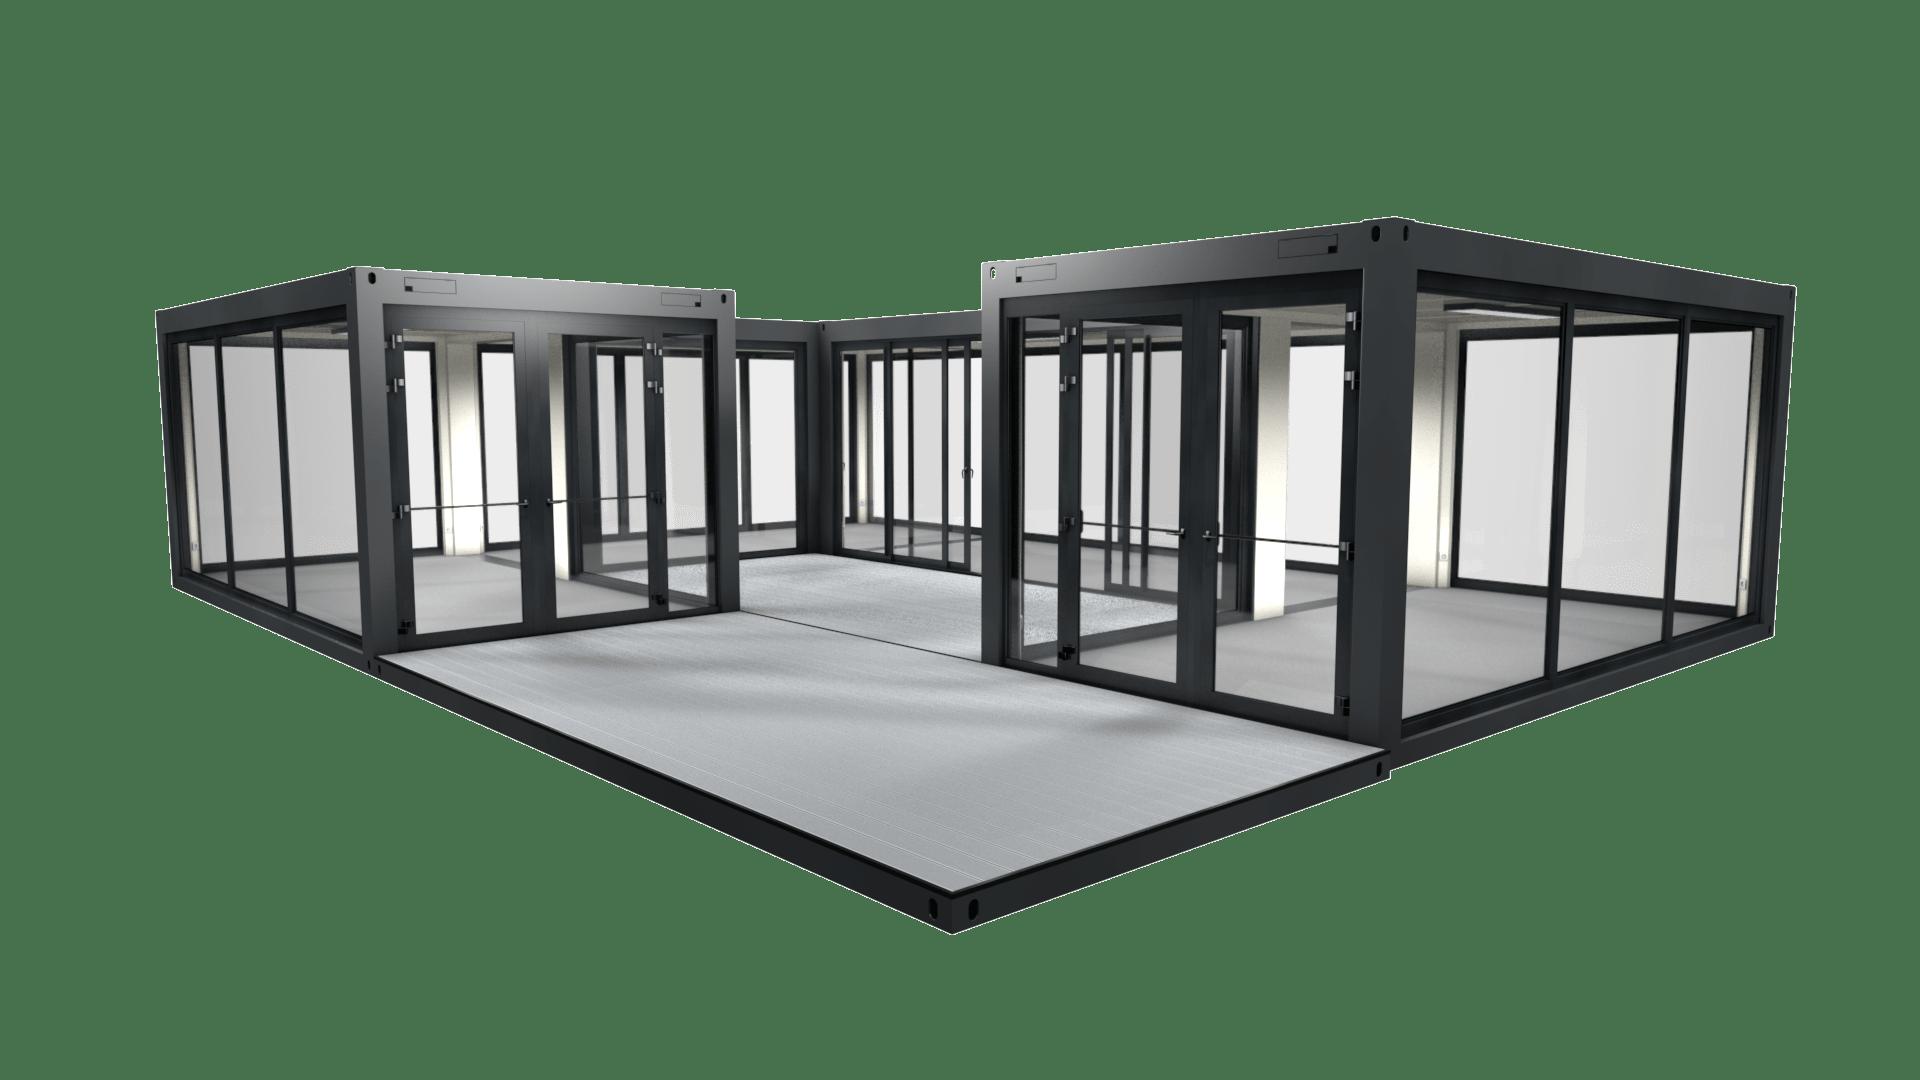 Container Modul M 23 ist ein Showroom mit Panorama Verglasung und Innenhof